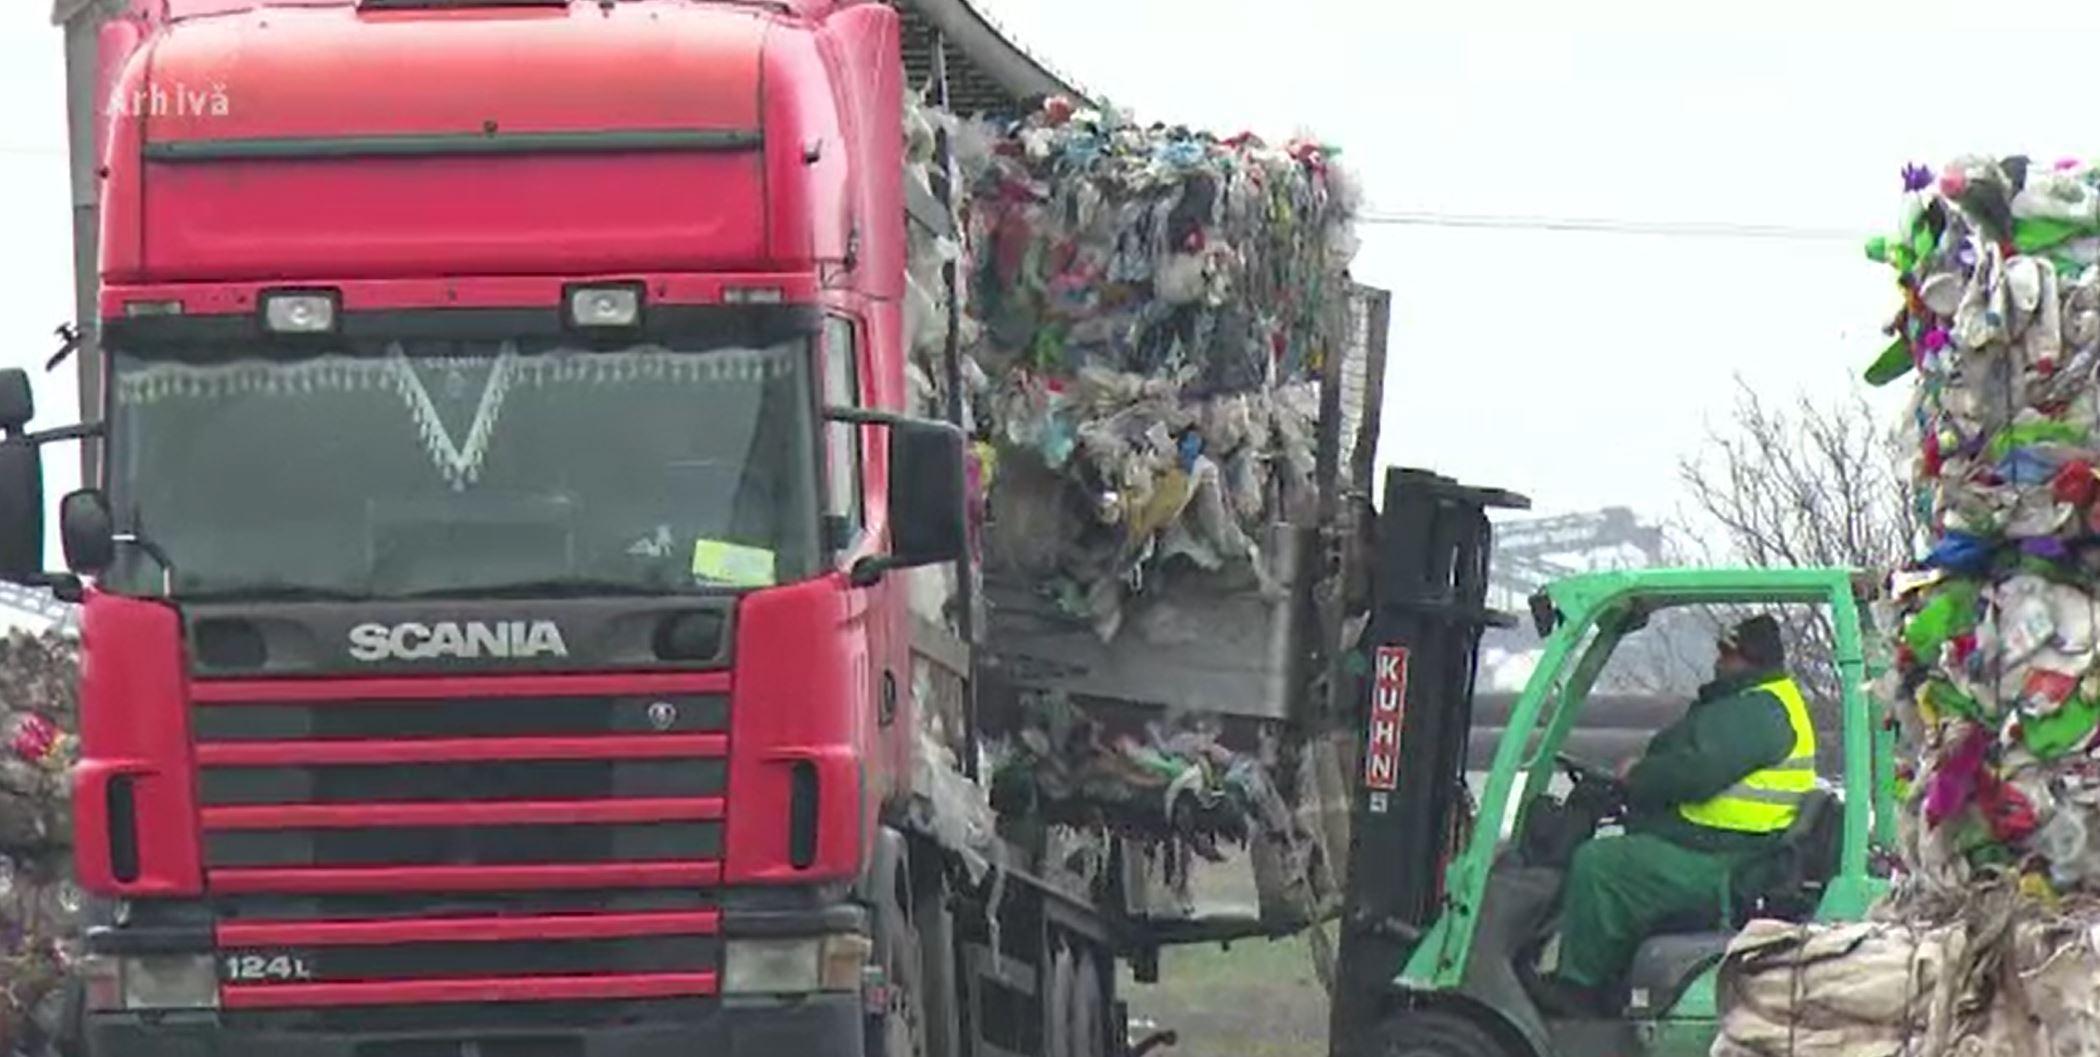 Cum este statul păgubit de firme care reciclează gunoaie doar pe hârtie